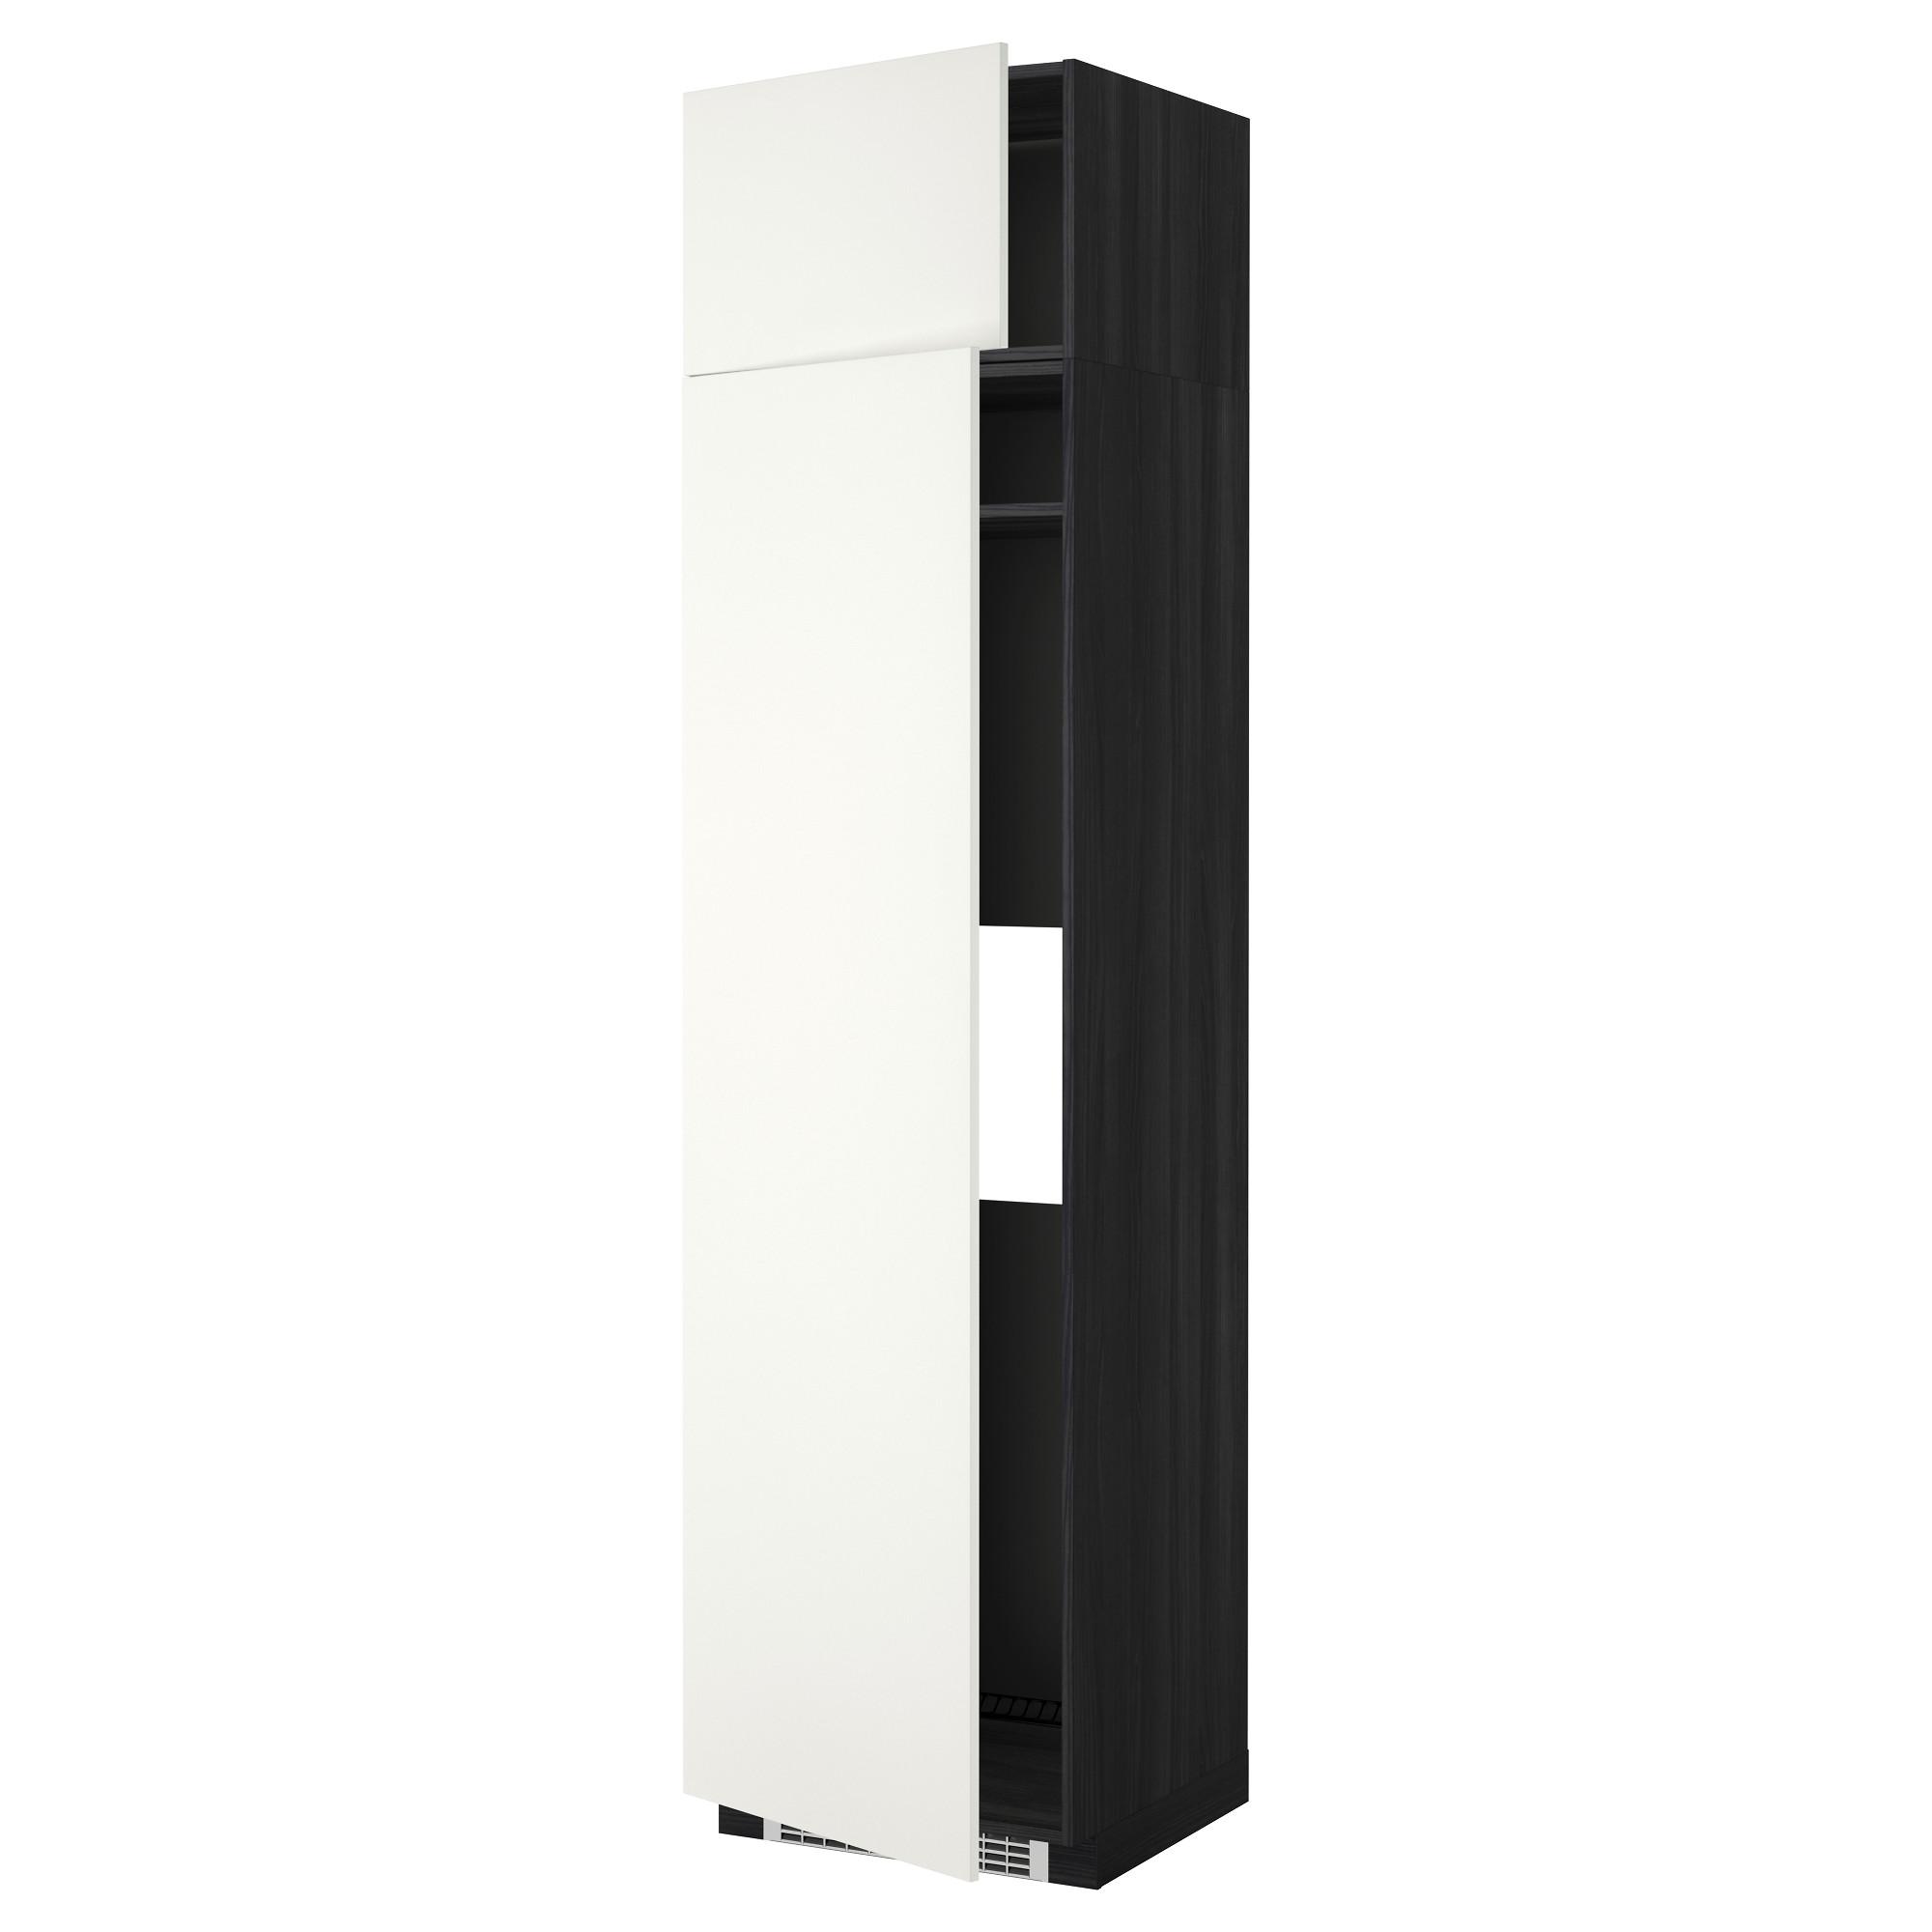 Высокий шкаф для холодильника или морозильник МЕТОД черный артикуль № 592.262.95 в наличии. Интернет каталог ИКЕА РБ. Быстрая доставка и монтаж.